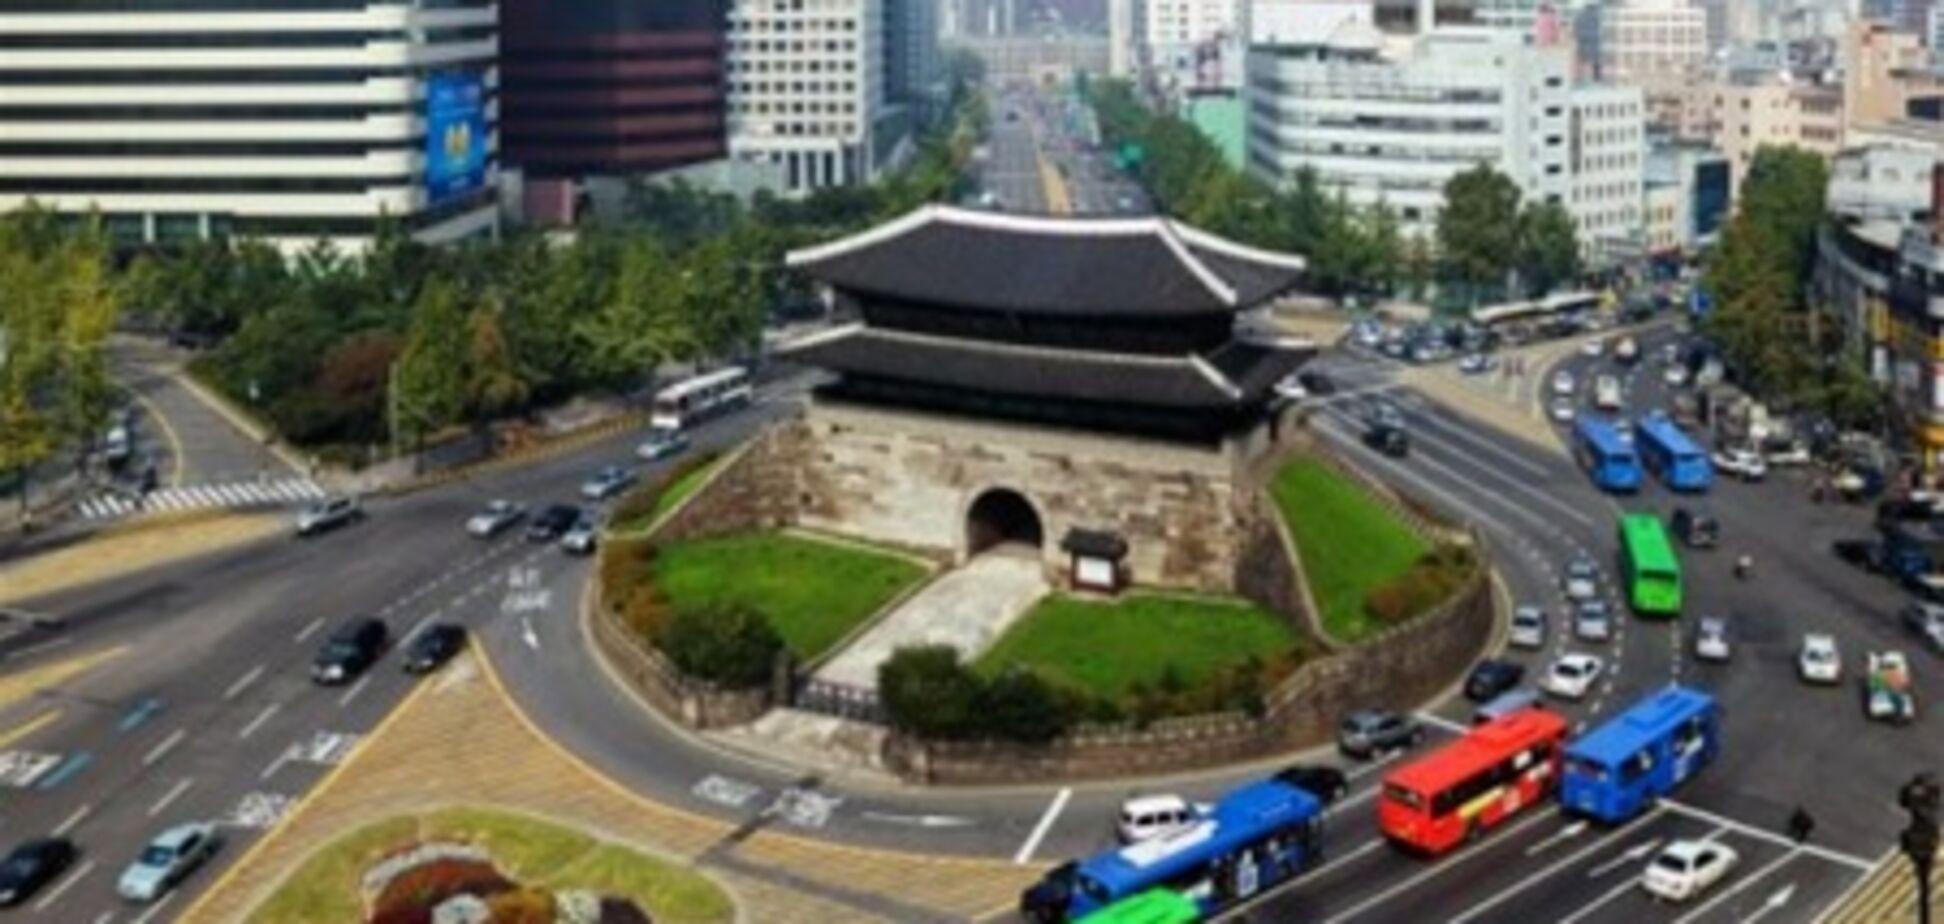 За аренду жилья в Южной Корее платят за 2 года вперед